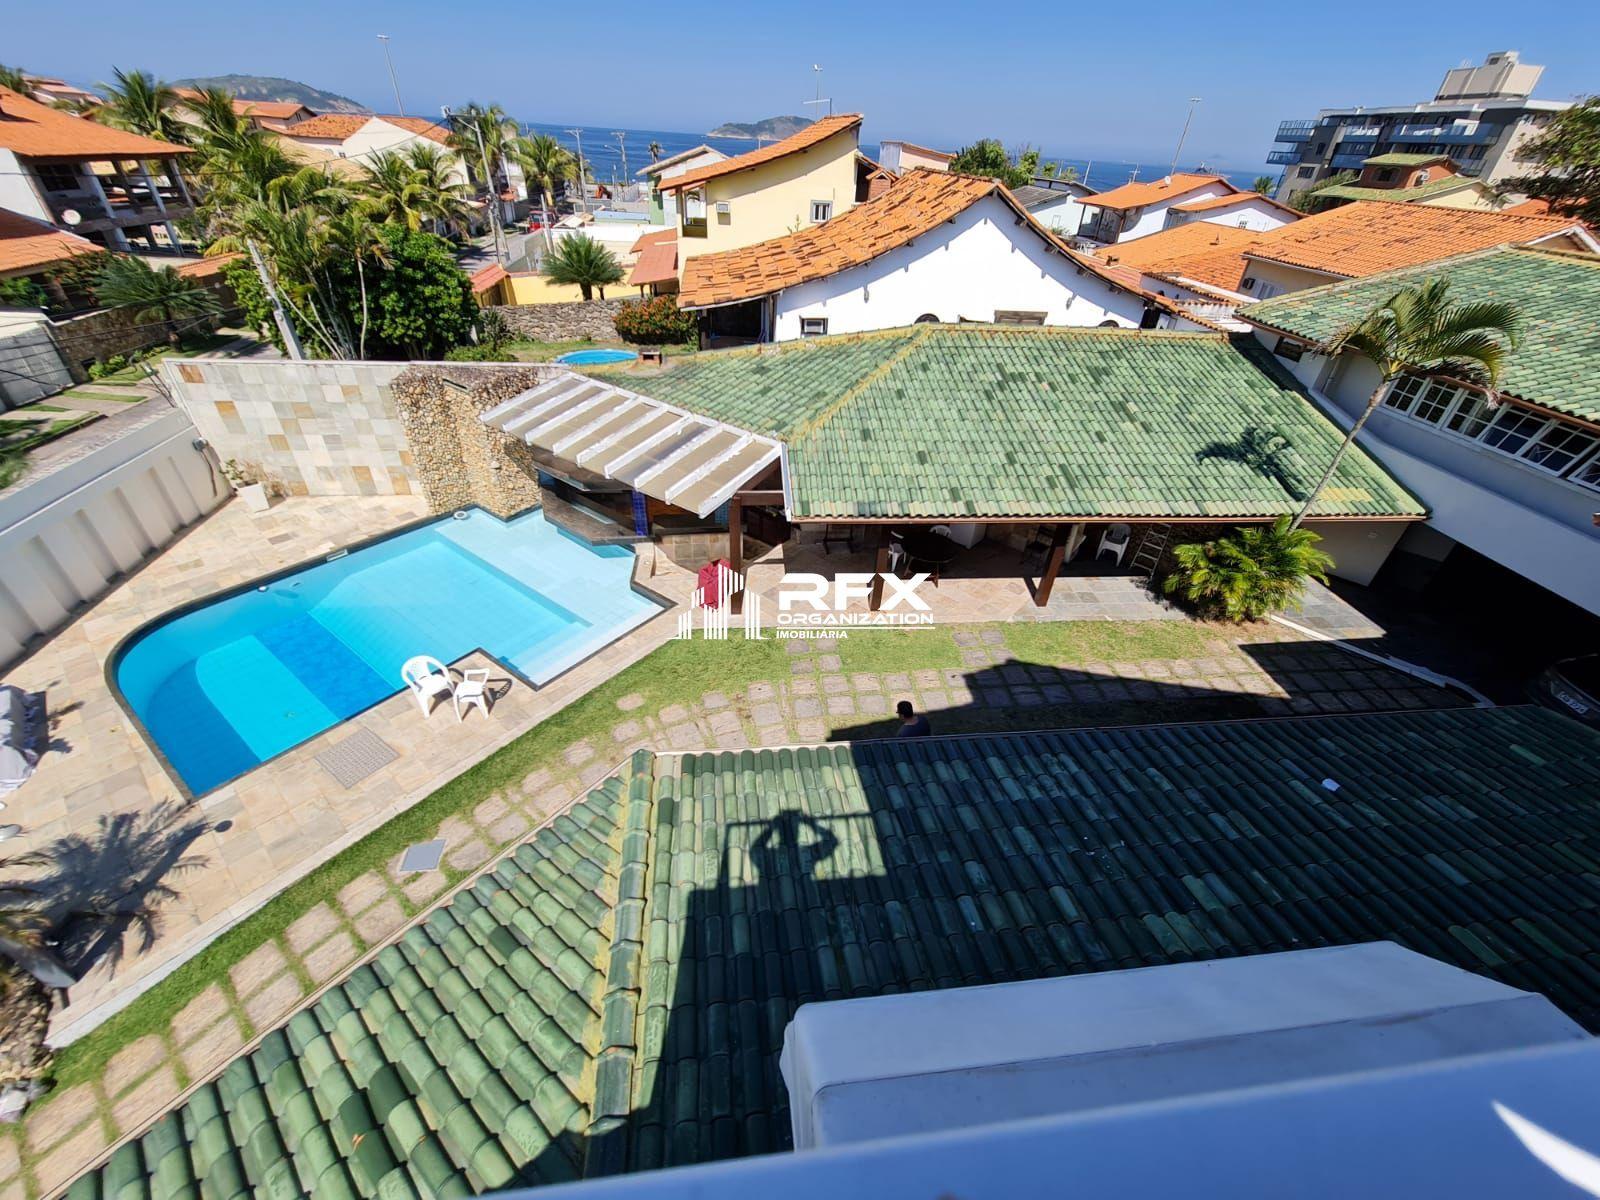 Casa à venda  no Piratininga - Niterói, RJ. Imóveis